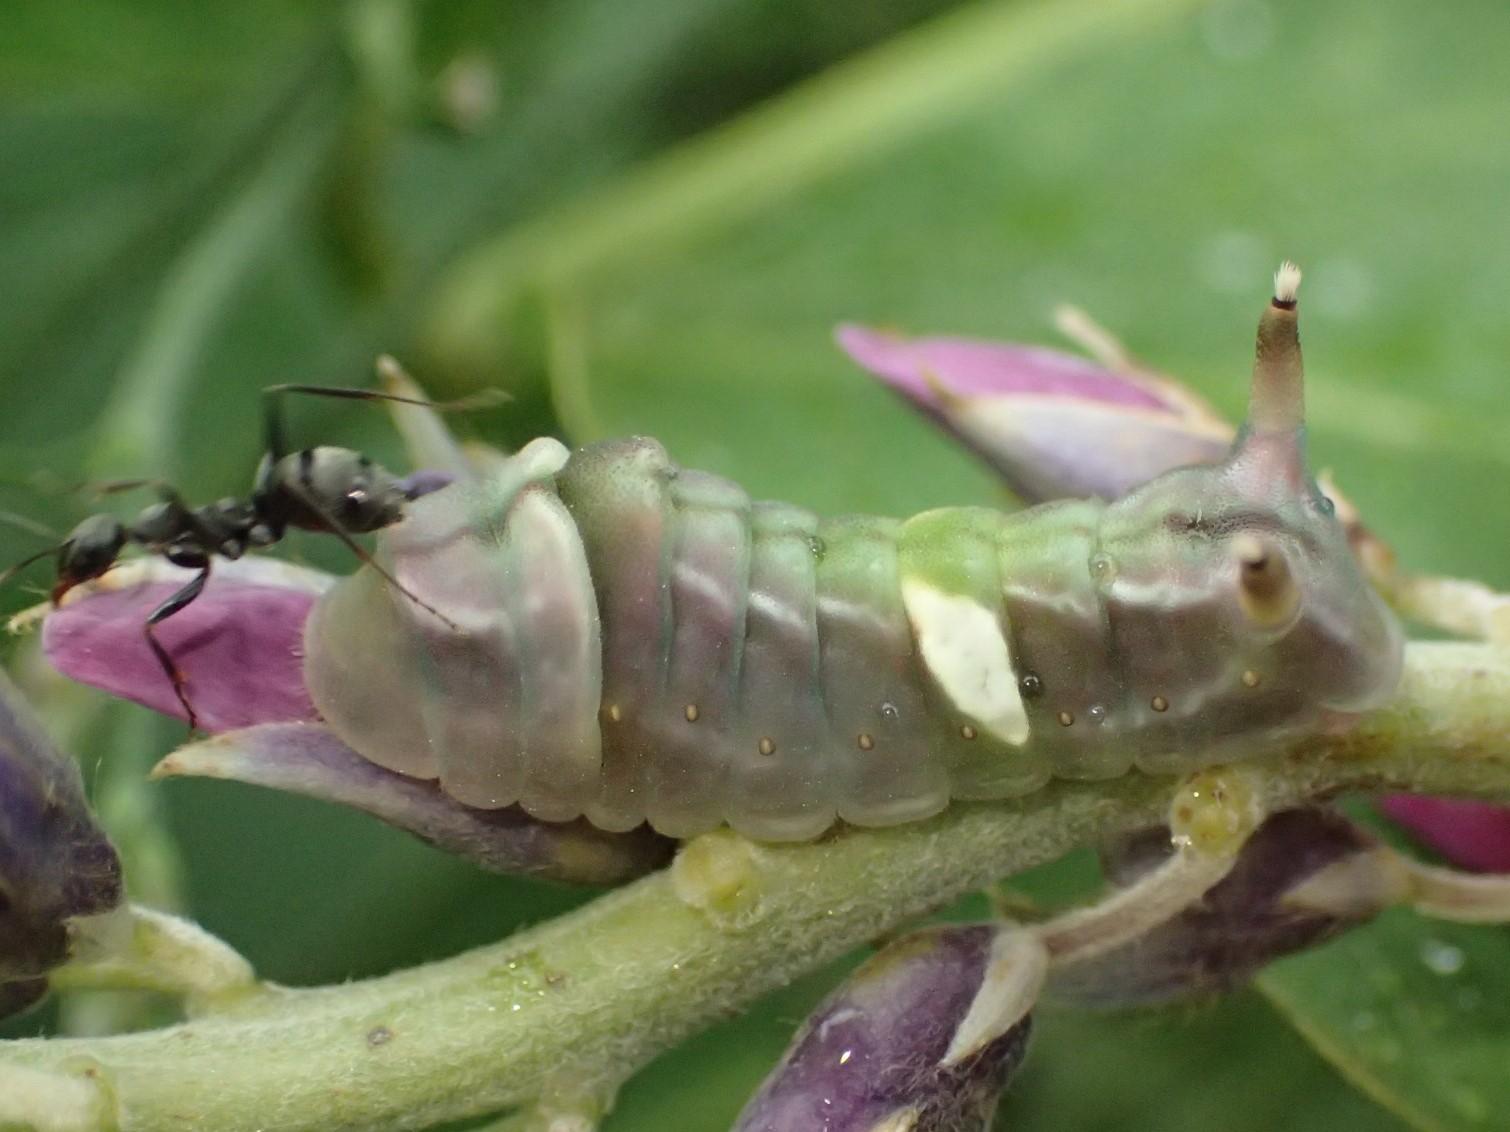 ウラギンシジミの幼虫 Curetis acuta_c0208989_20071337.jpg